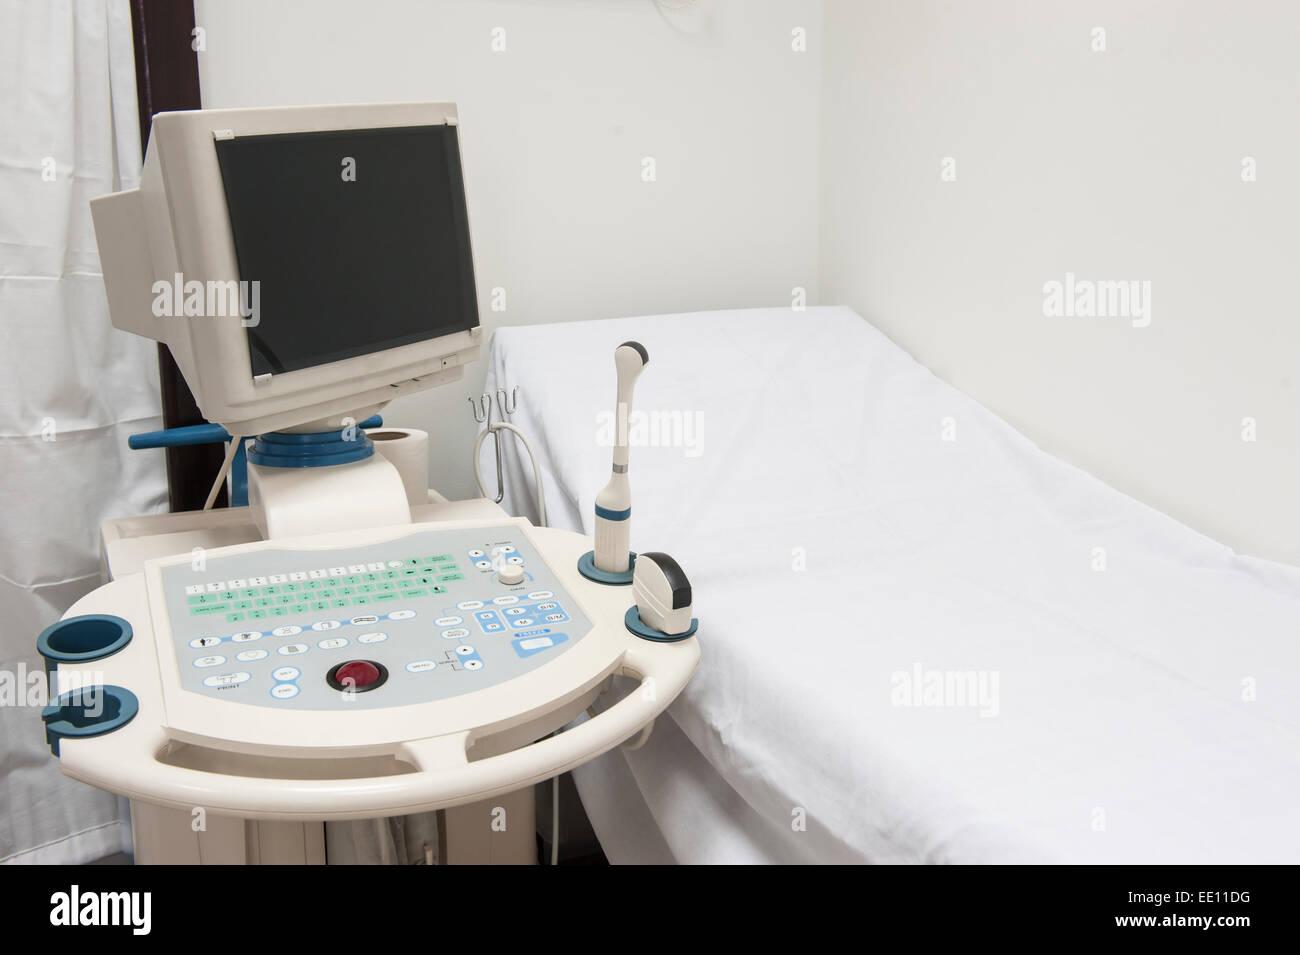 Prüfung-Bett mit Ultraschall-Scanner-Maschine im Klinikum Krankenhaus Stockbild